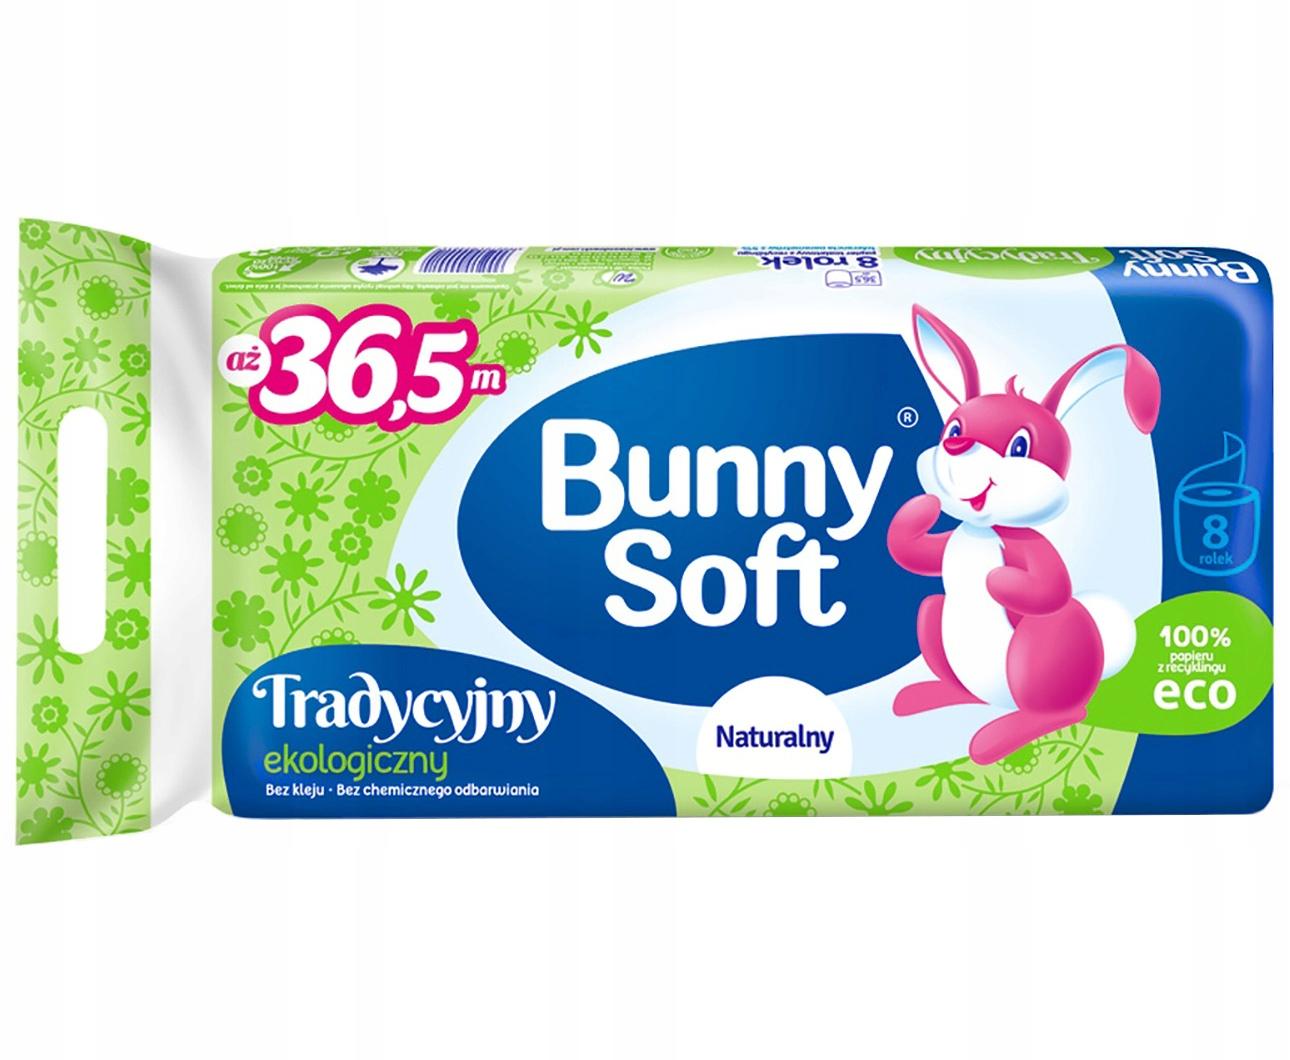 Мощная экологически чистая туалетная бумага Bunny 8 рулонов